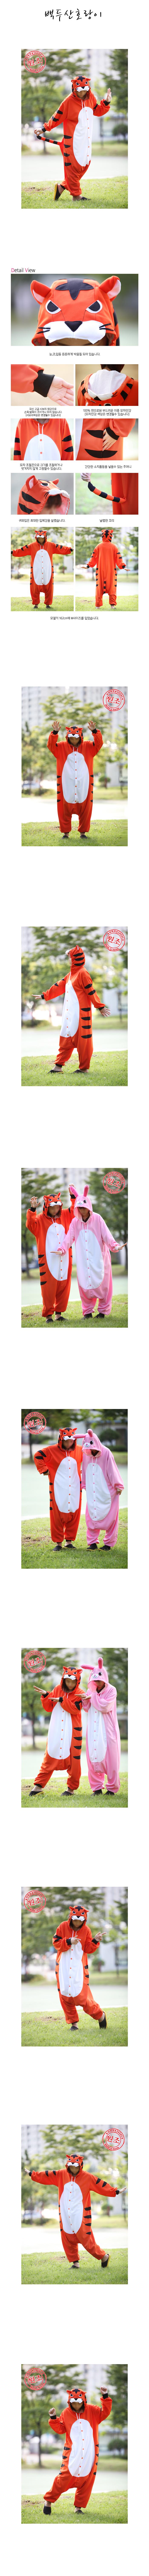 사계절동물잠옷-백두산호랑이 - 사자크동물잠옷, 37,000원, 잠옷, 커플파자마